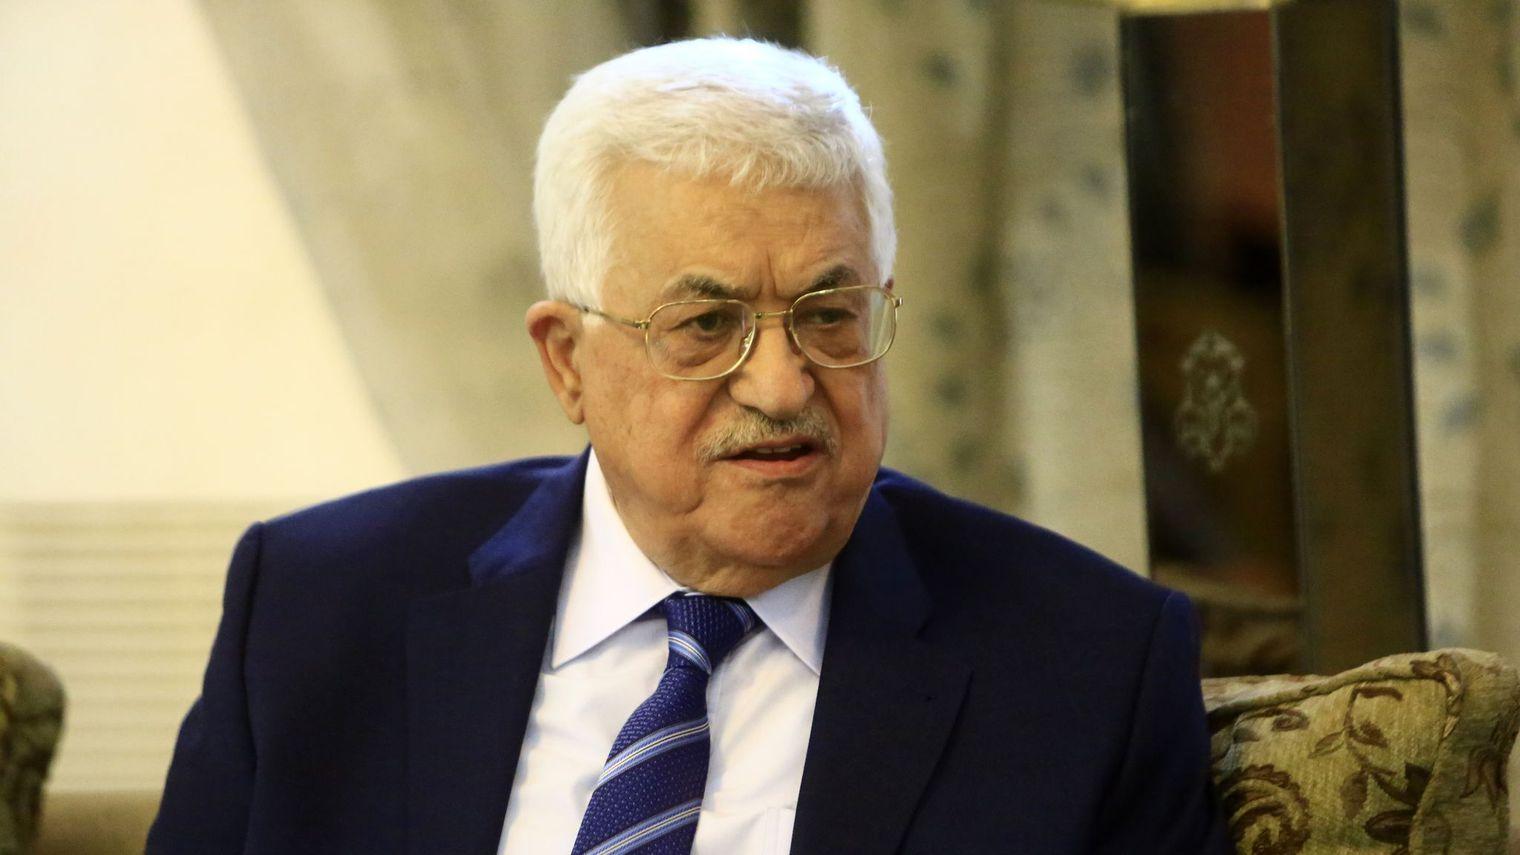 Le président Palestinien Mahmoud Abbas sera présent à l'enterrement de Shimon Peres